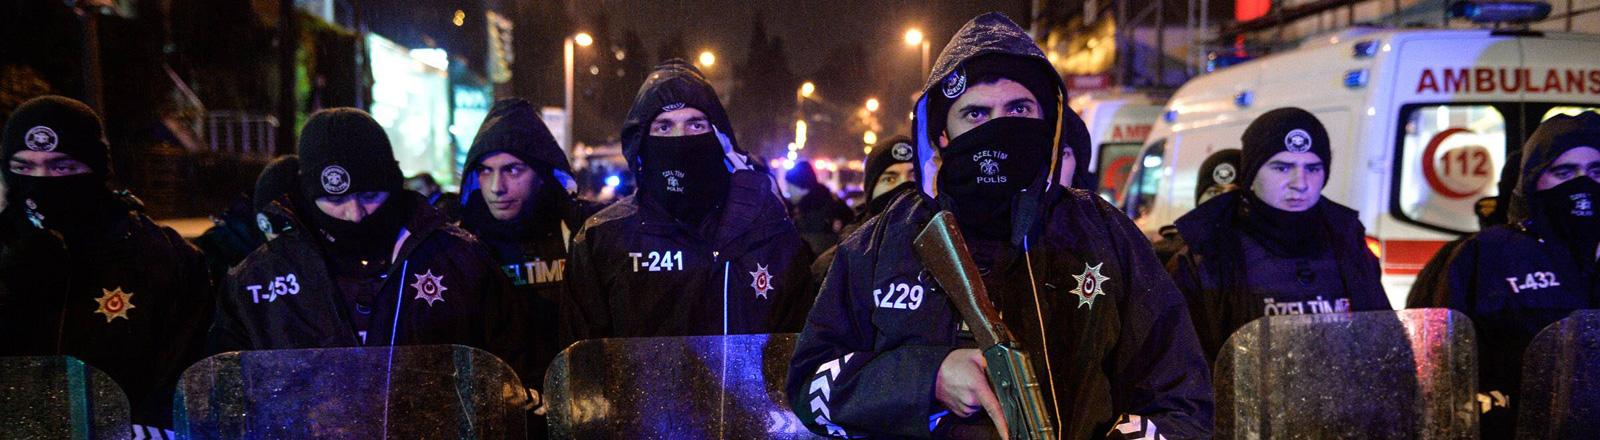 """Polizisten sichern weiträumig den Istanbuler Nachtclub """"Reina"""", in dem in der Silvesternacht 2017 ein Anschlag verübt wurde."""